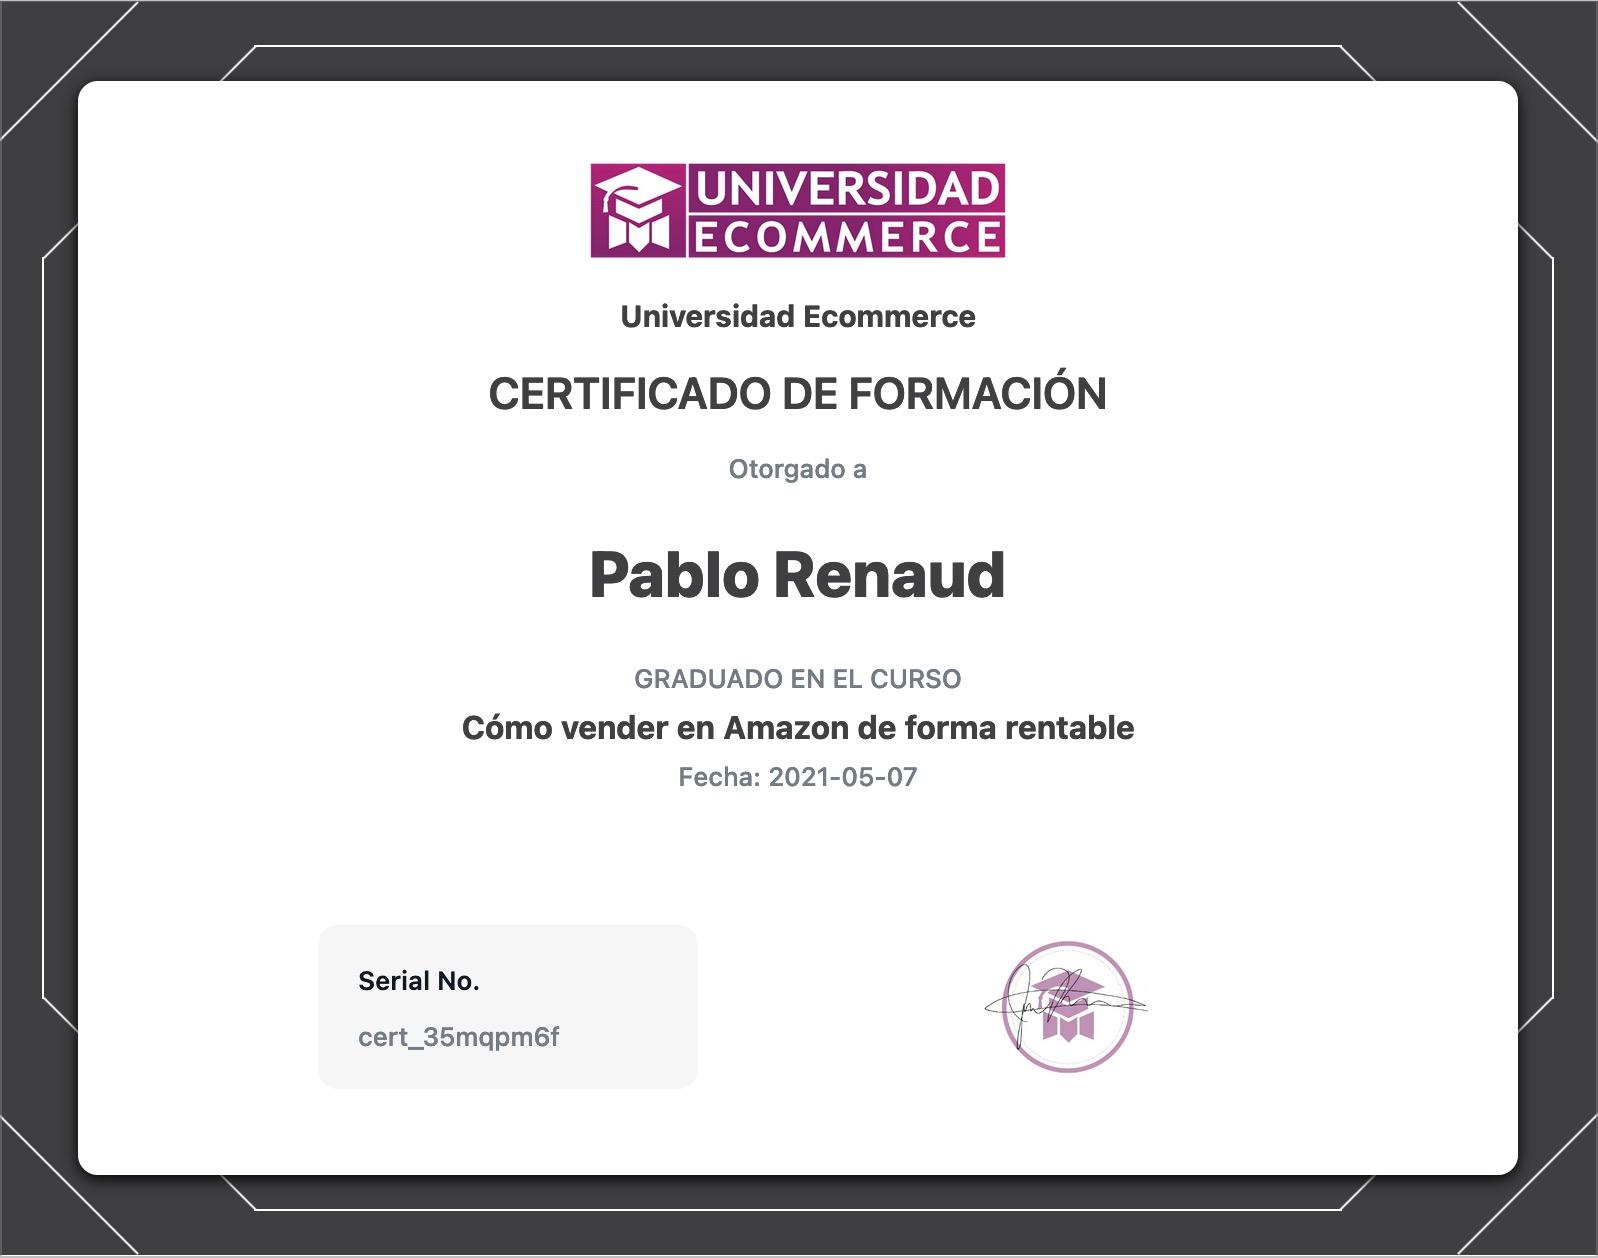 Certificados de Universidad Ecommerce